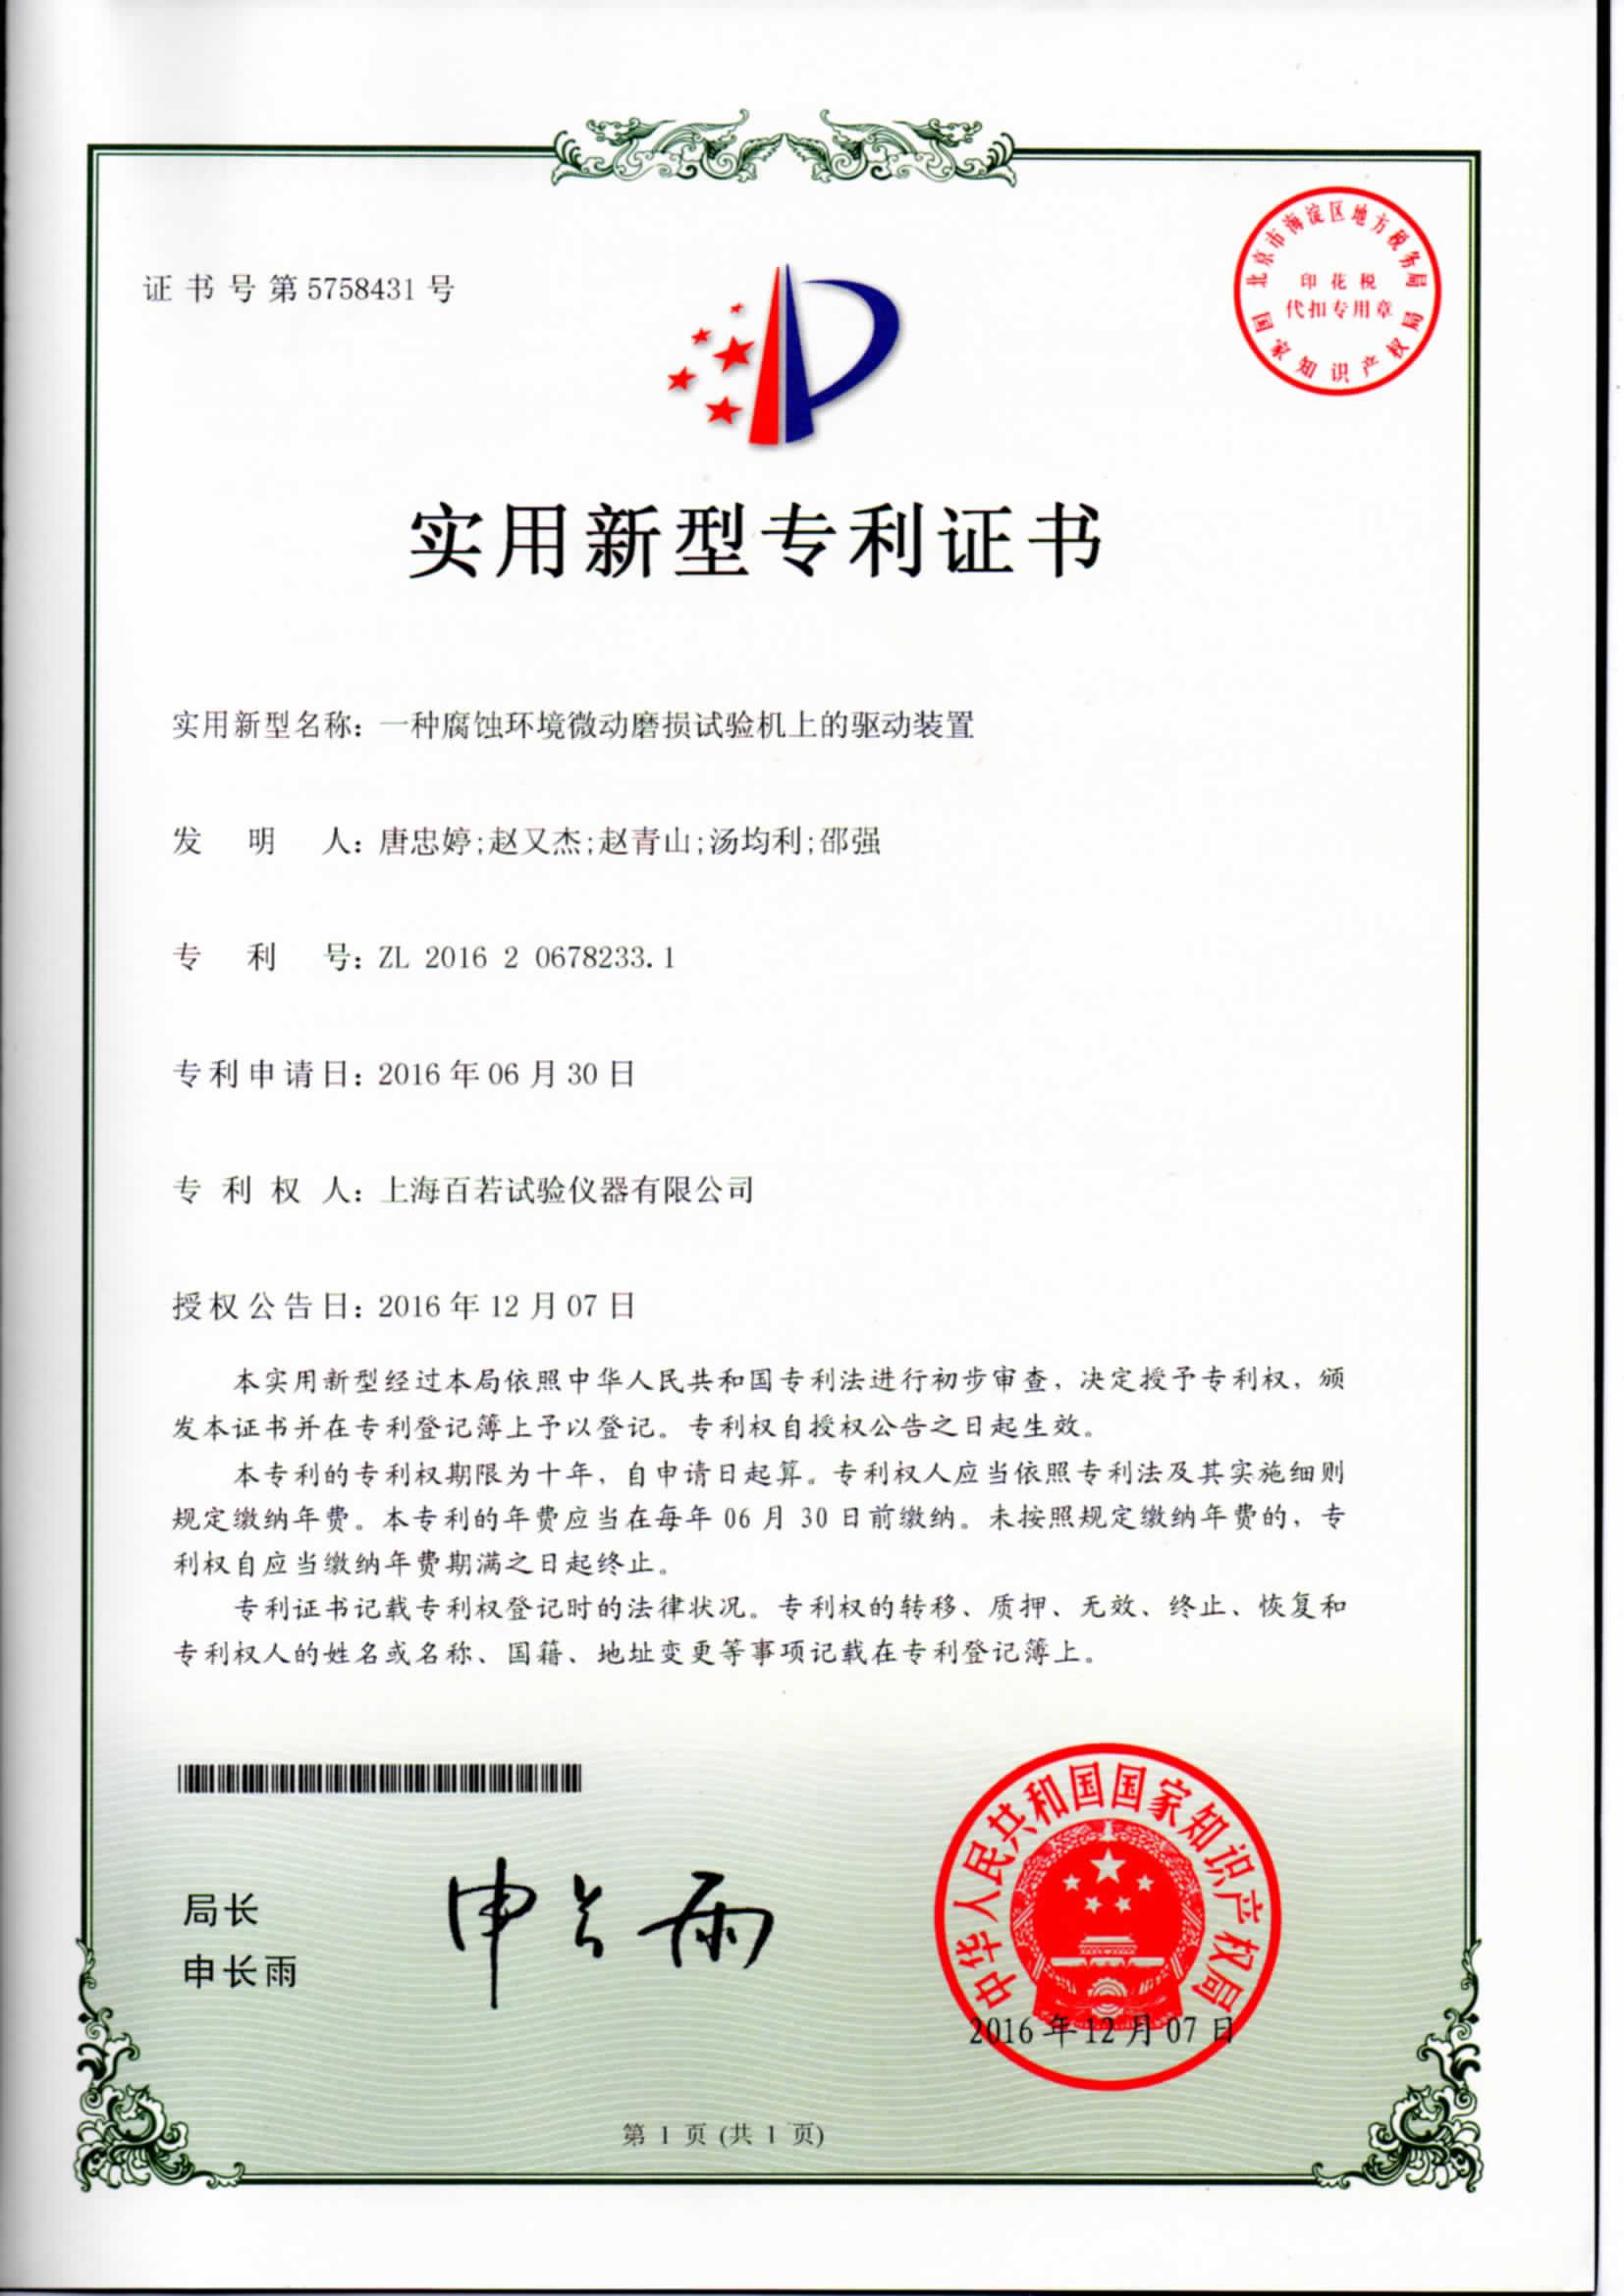 專利證書-一種腐蝕環境微動磨損試驗機上的驅動裝置